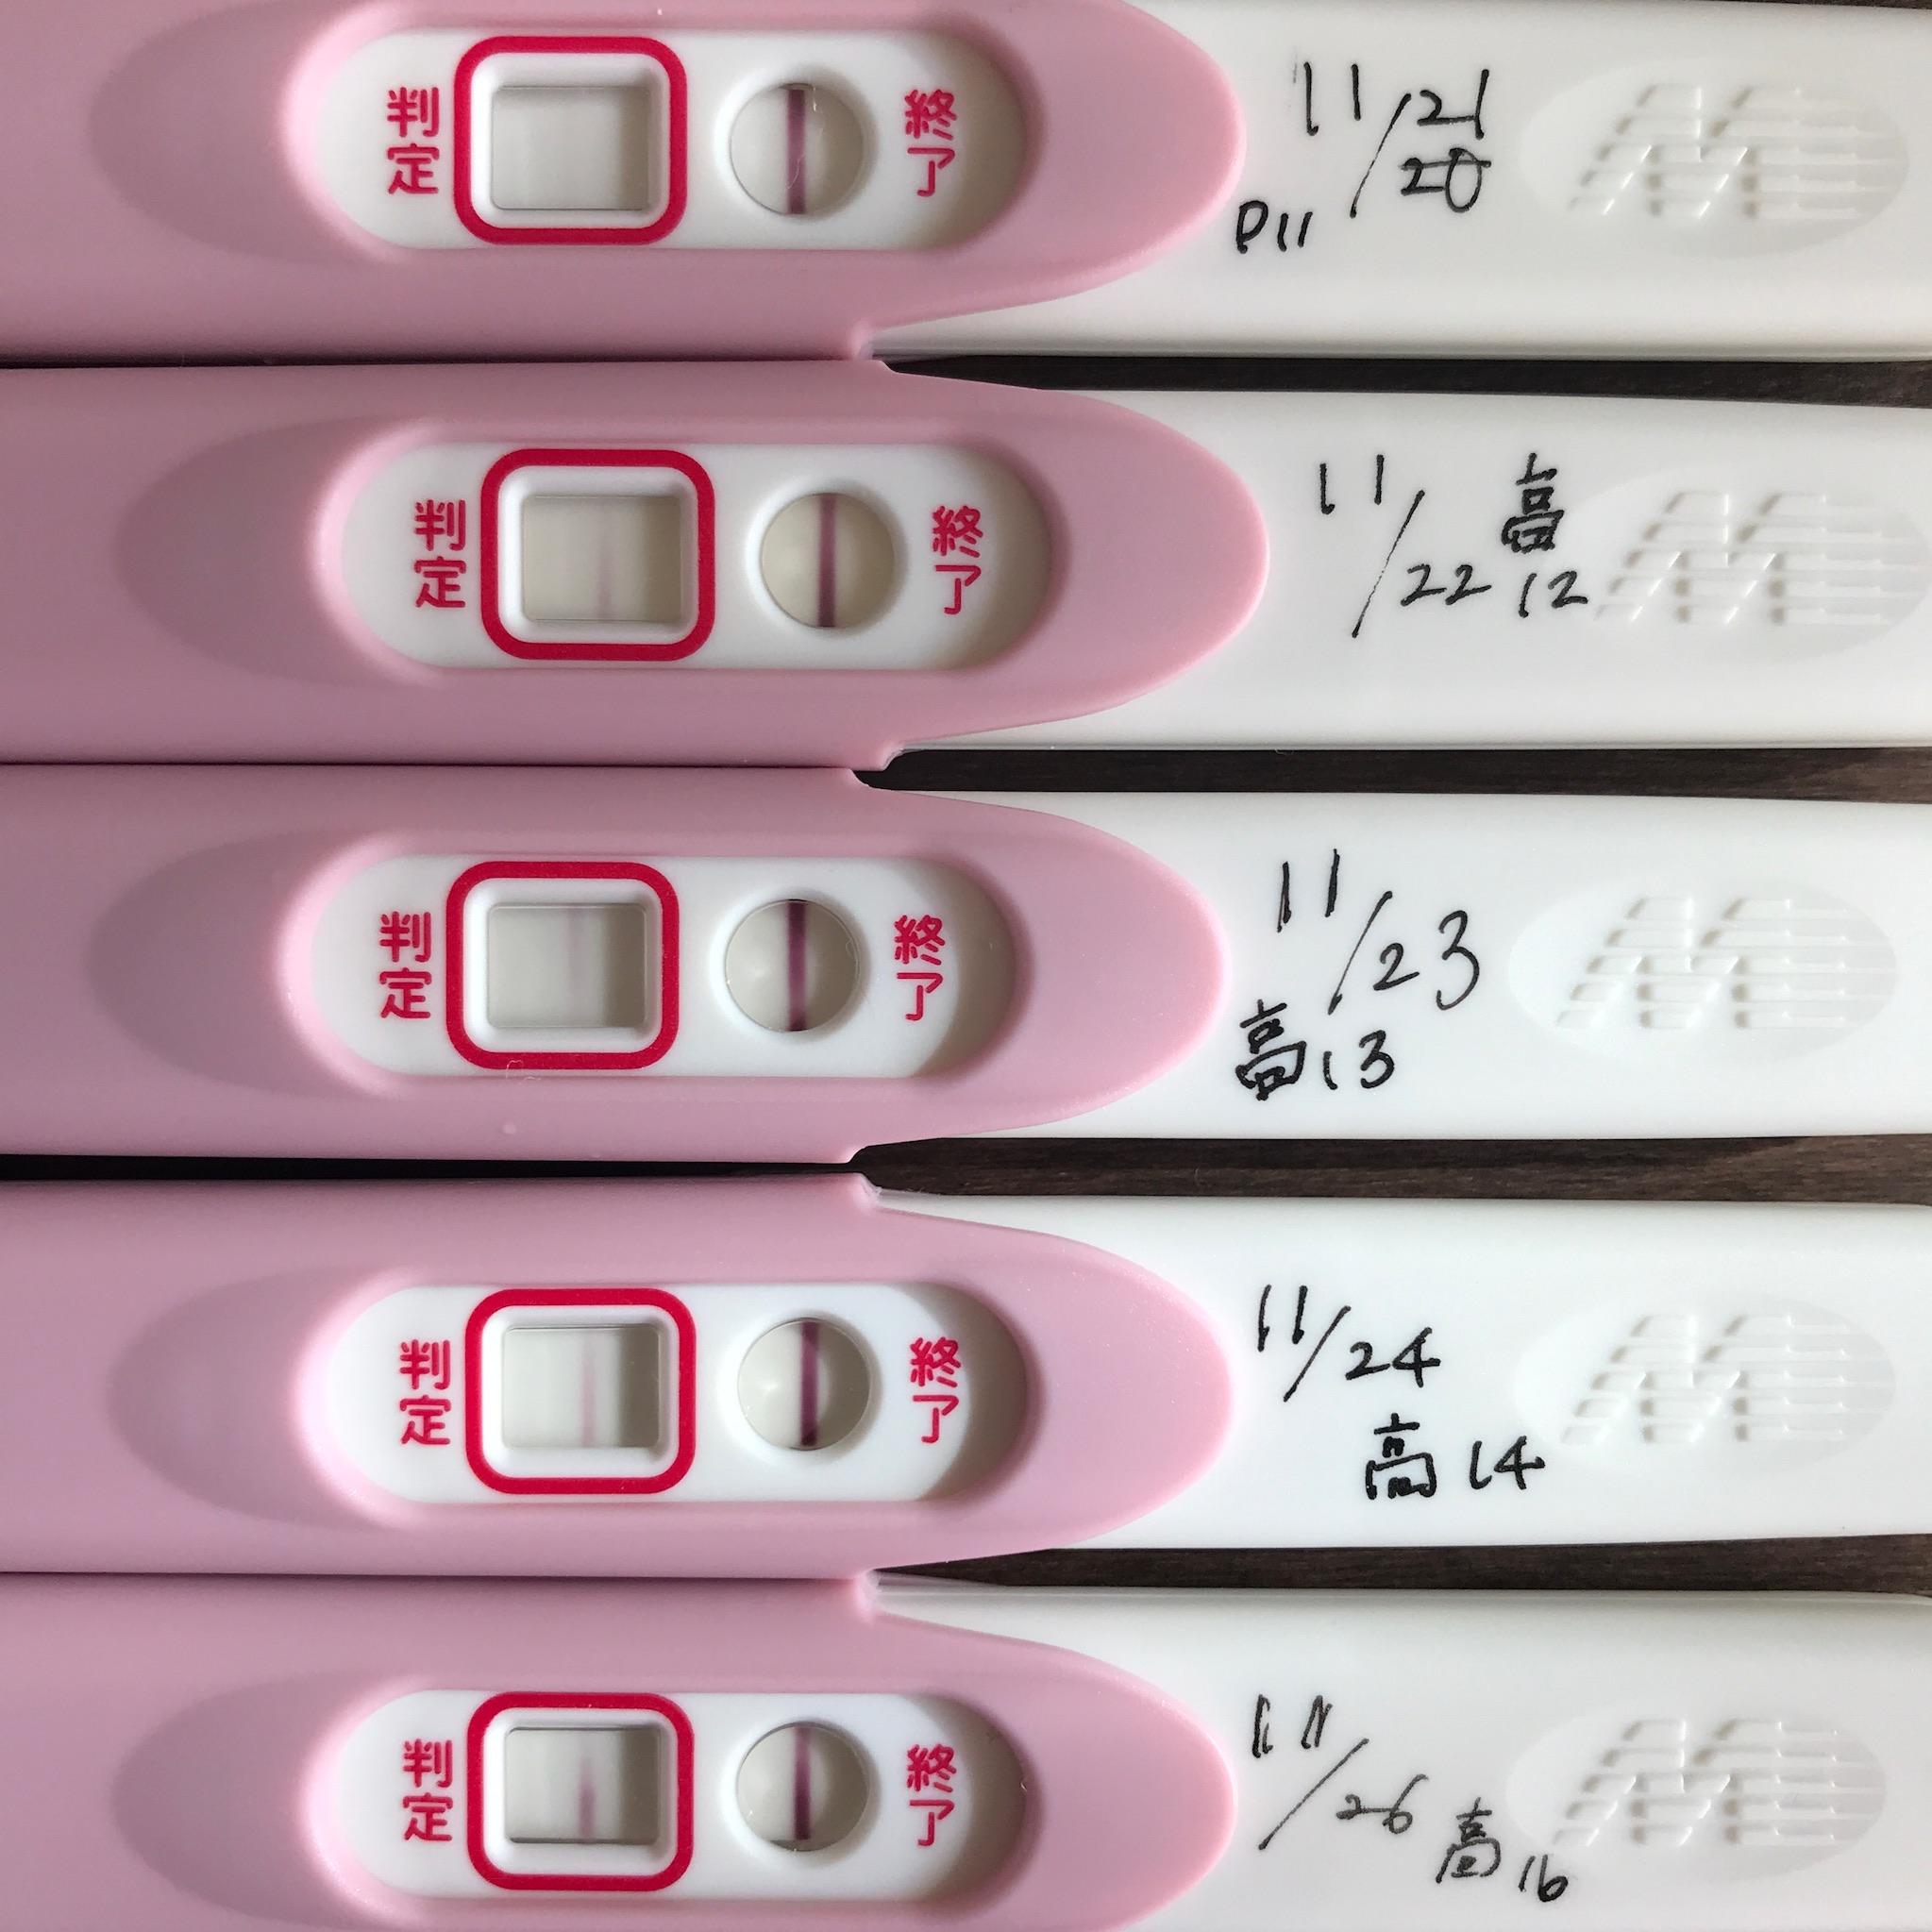 妊娠検査薬Pcheckの陽性反応高温期11・12・13・14・16日目5日分